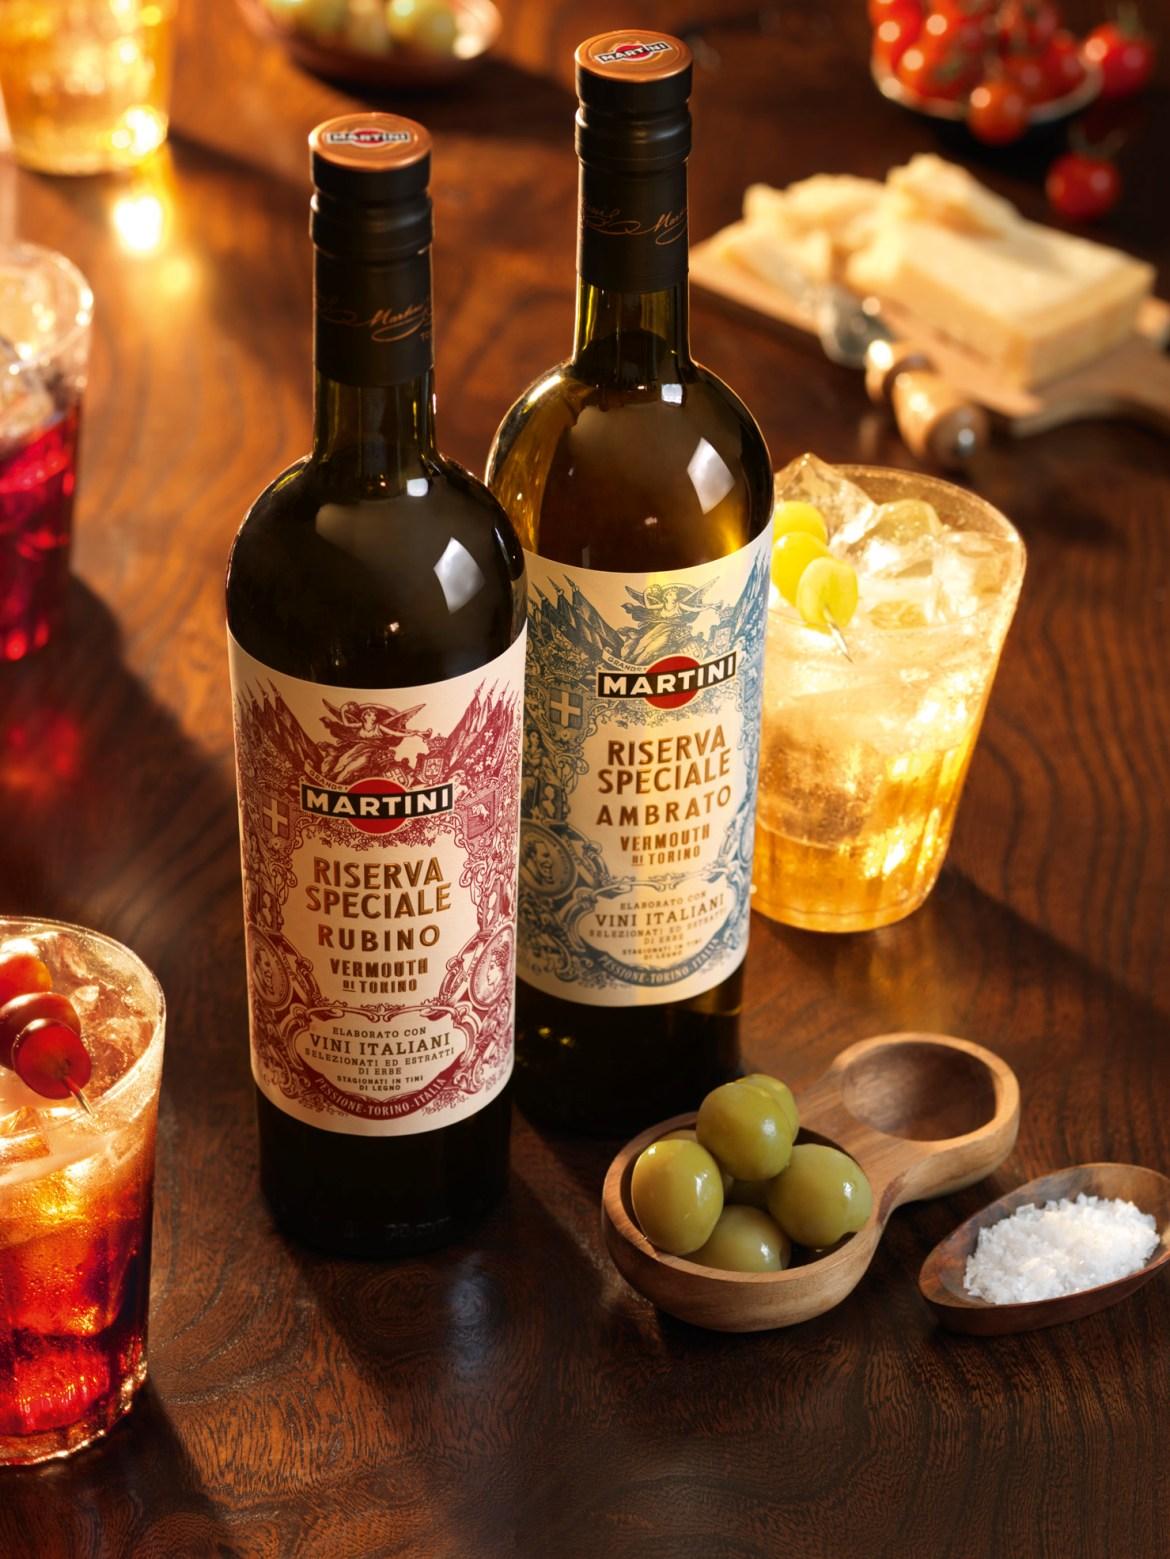 1439818094-martini-riserva-speciale-lifestyle